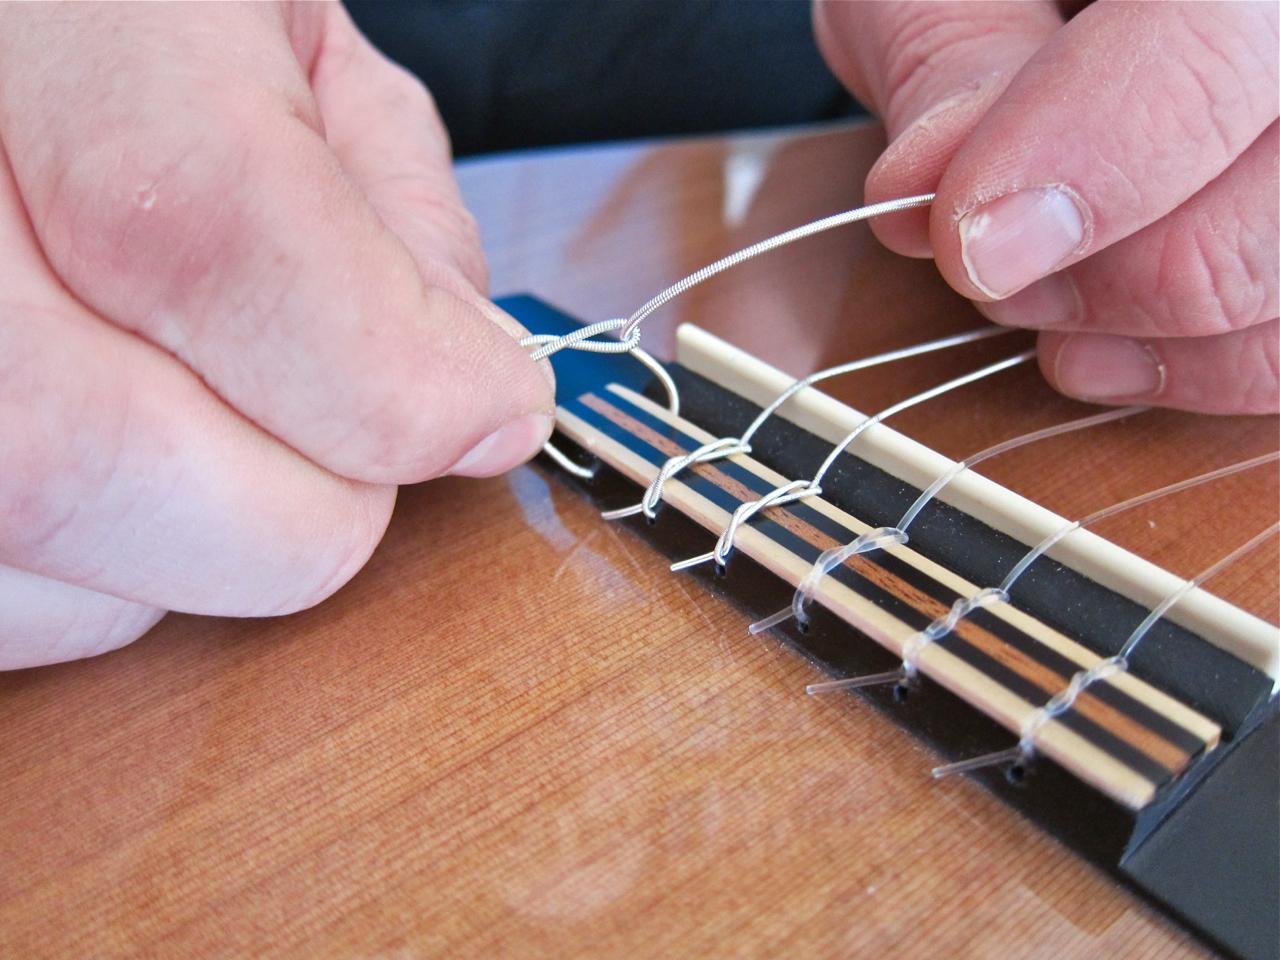 Kielten vaihto nailonkieliseen kitaraan - vanhan kielen poisto